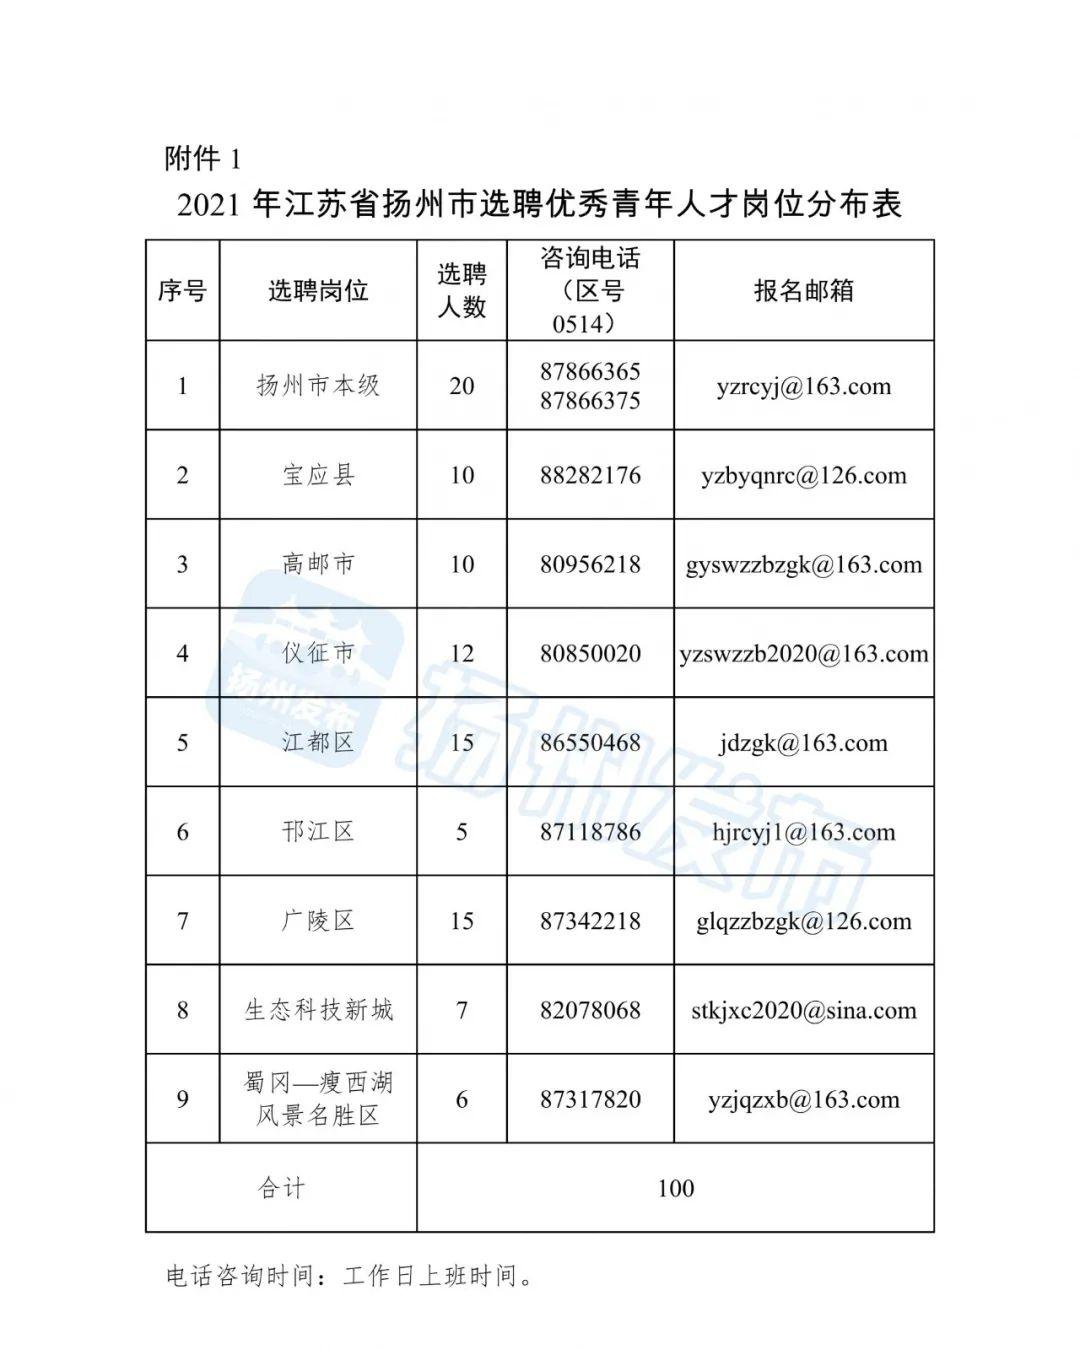 2021年江苏省扬州市选聘优秀青年人才公告图片